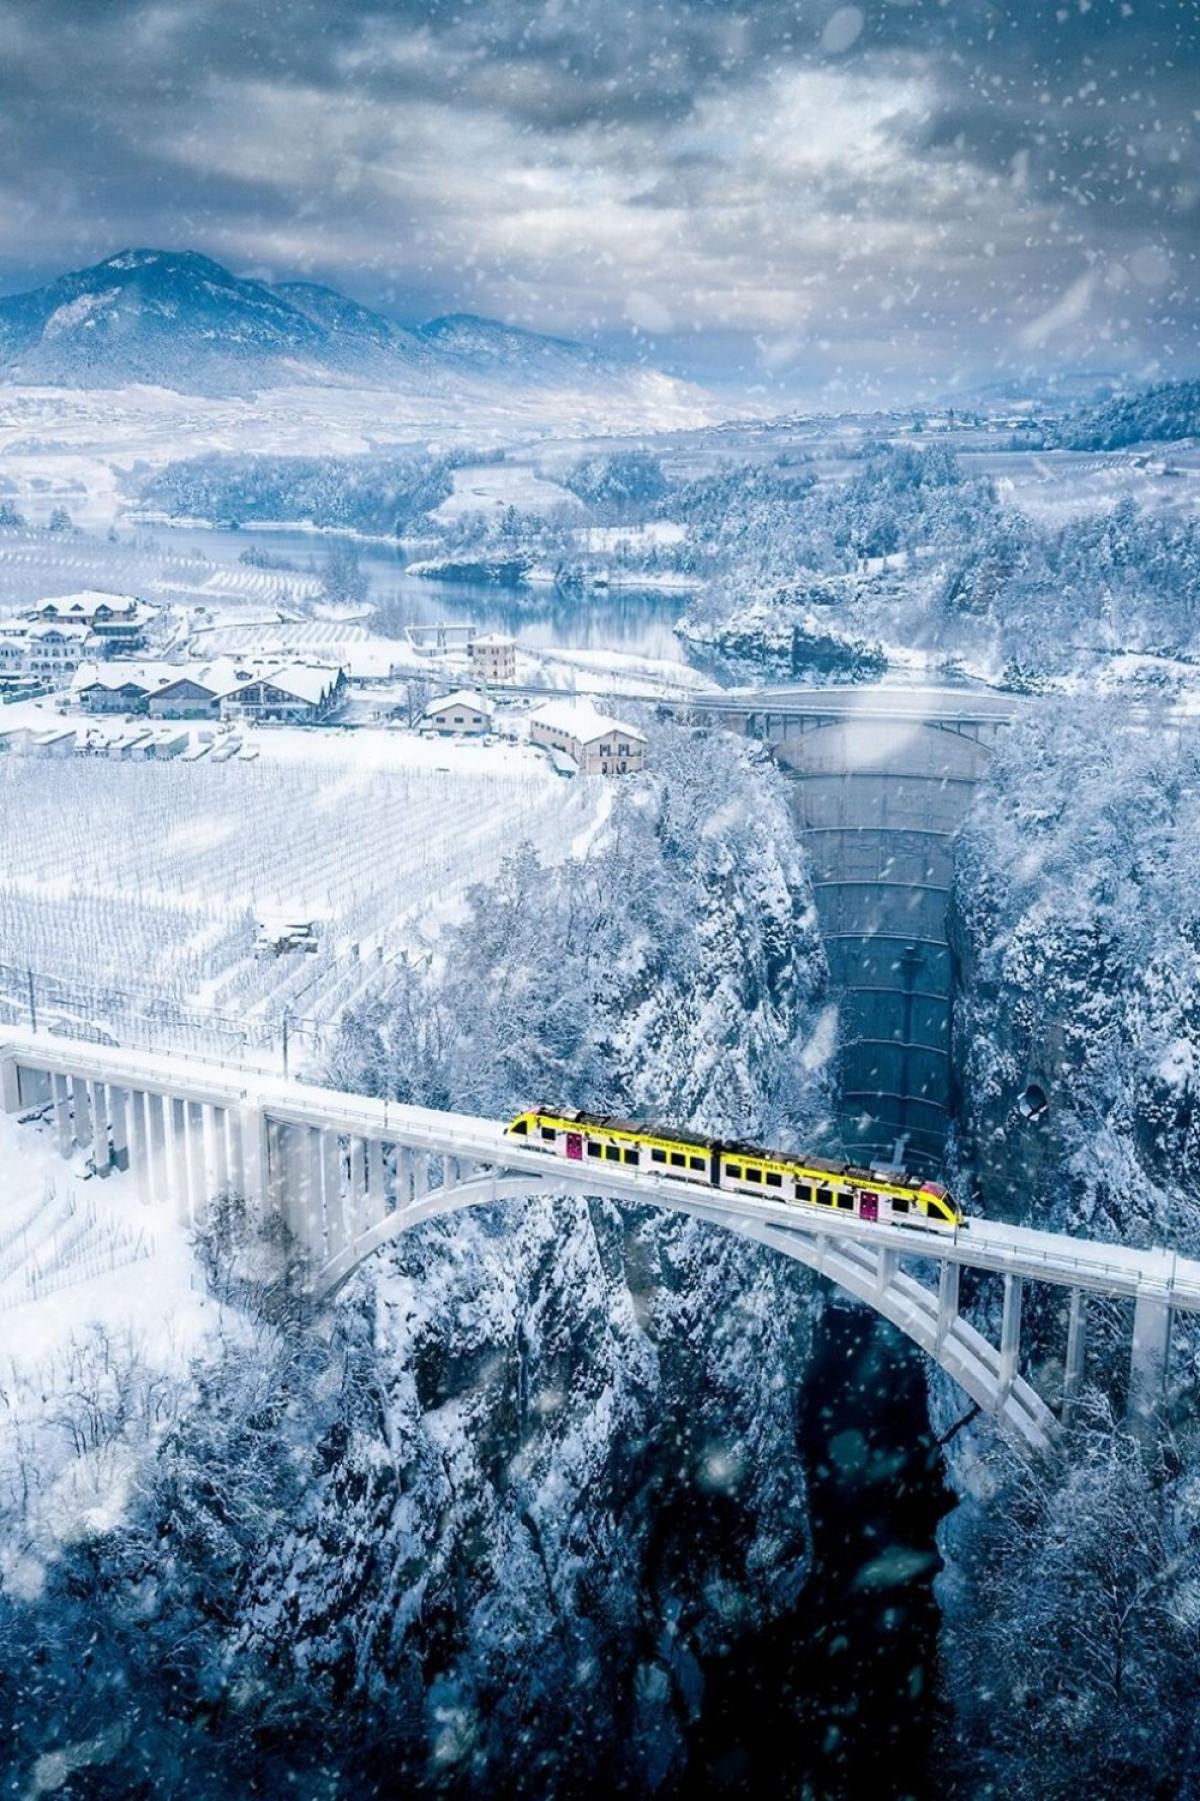 Cảnh tượng xinh đẹp được nhiếp ảnh gia Paolo Crocetta ghi lại cho thấy một đoàn tàu nhỏ có tên là Vaccanonesa đi từ thành phố Trento của Italy tới làng Val di Non và Val di Sole ở tỉnh Trentino qua một hẻm núi ở độ cao hơn 150 mét.